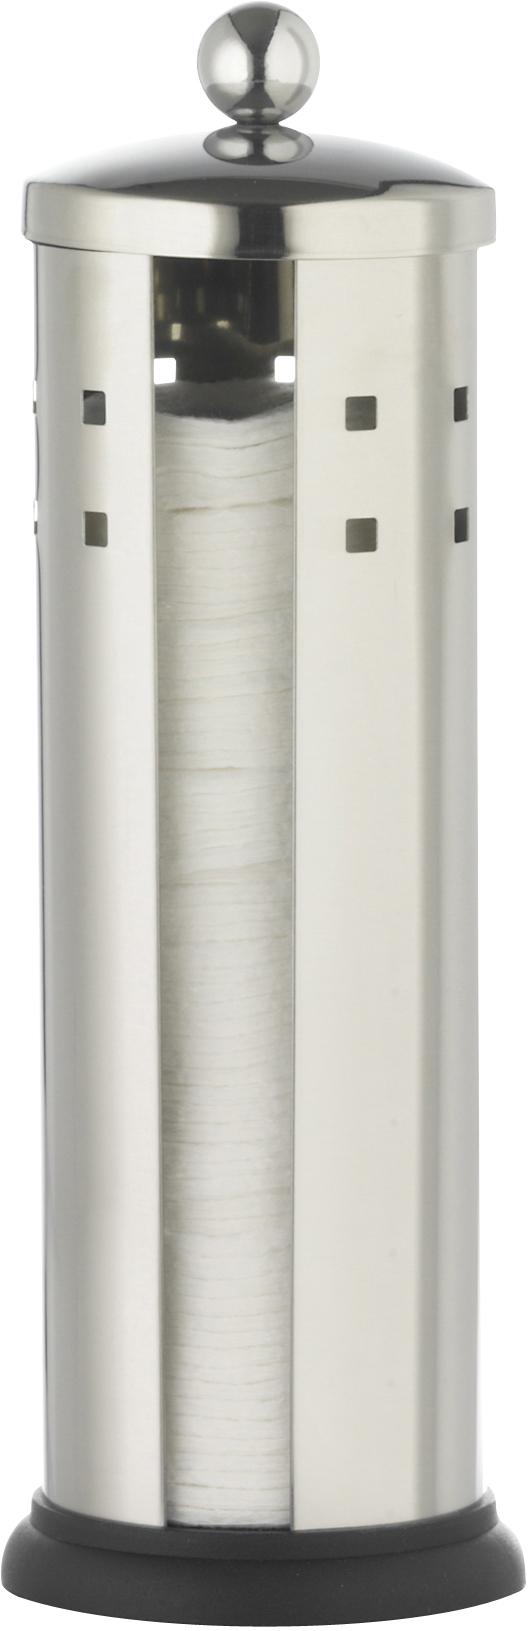 Емкость для хранения ватных дисков Axentia, с крышкой, высота 24 см емкость для хранения с крышкой wood